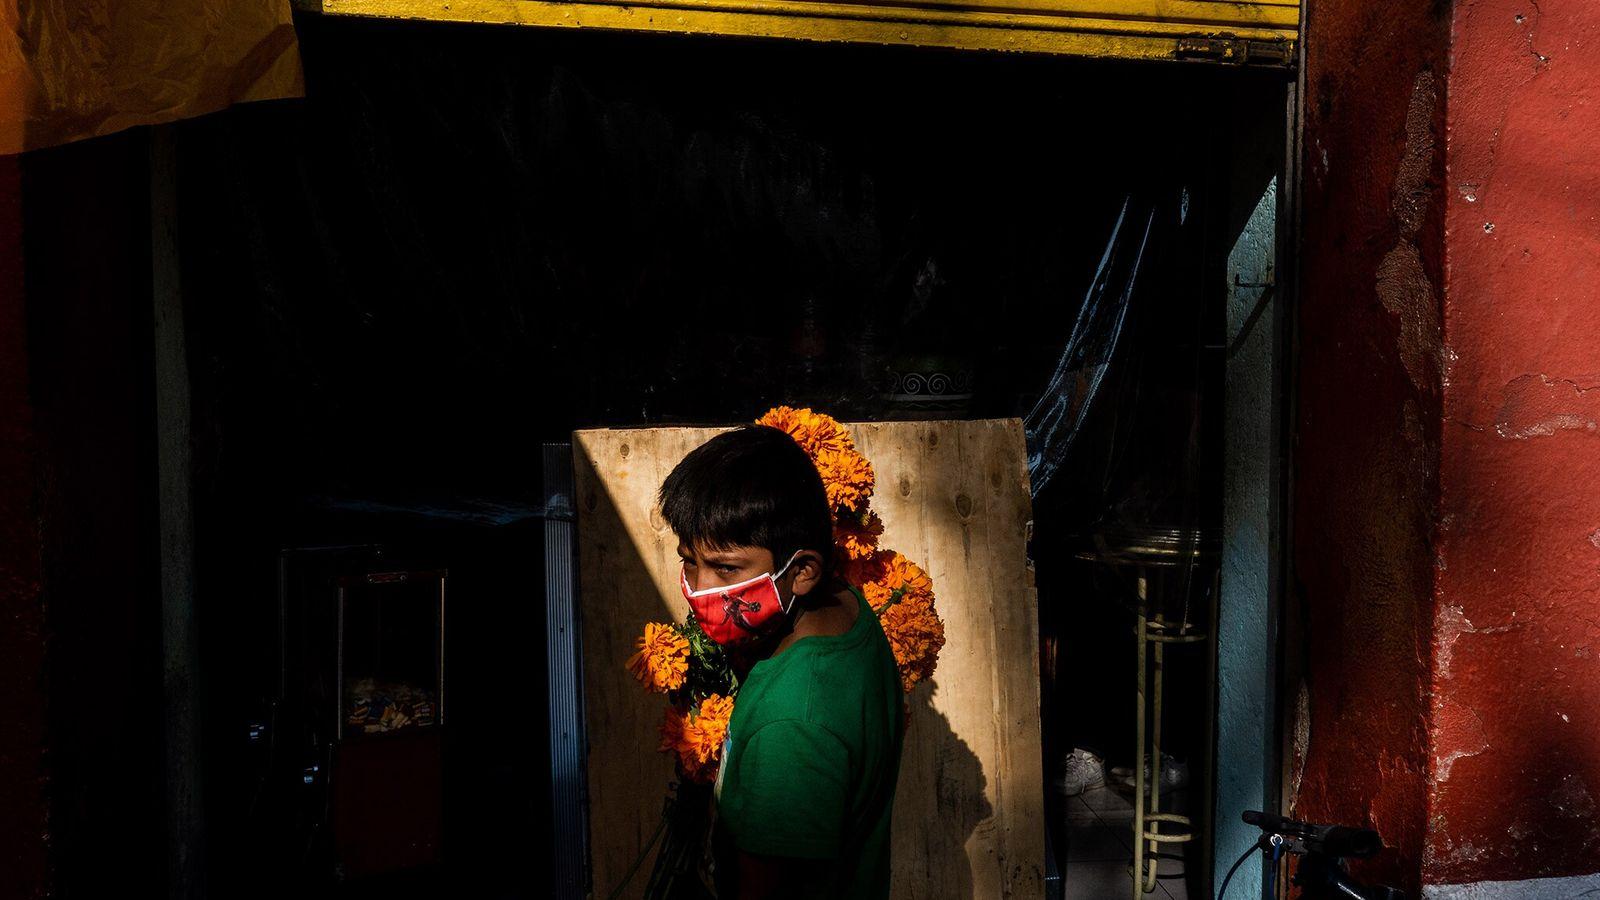 Un niño con un ramo de cempasúchil espera a su madre fuera de una pastelería mientras ...